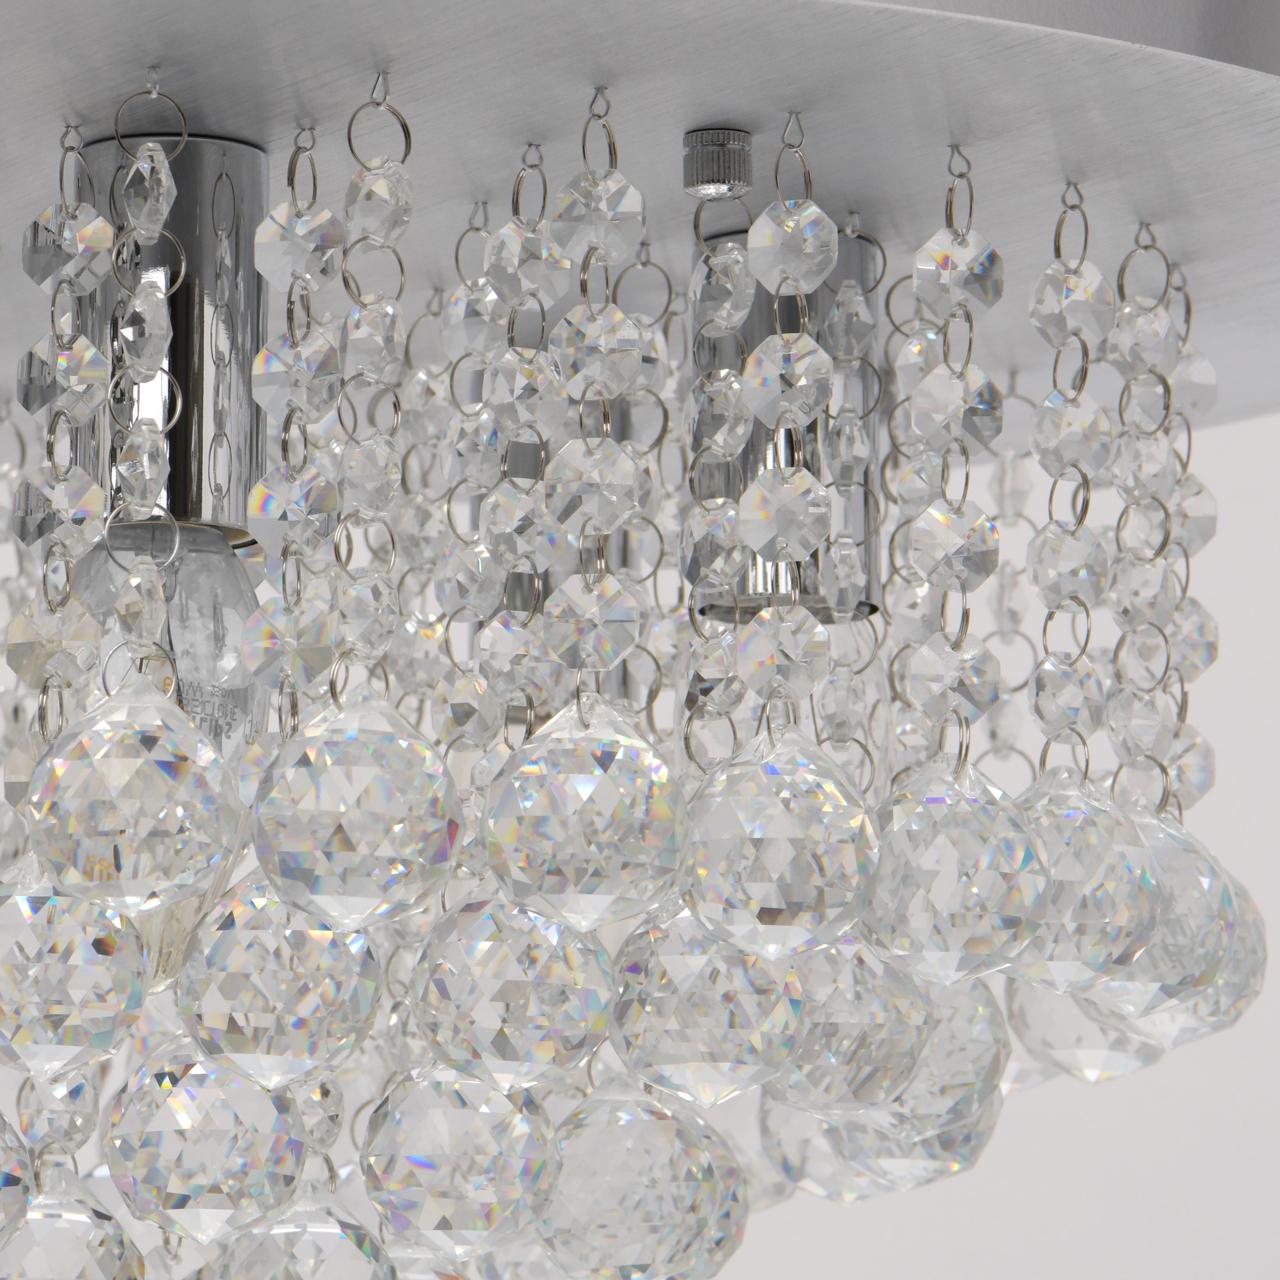 Потолочная люстра MW-Light Венеция 276014605, серебро, прозрачный, металл, хрусталь - фото 5